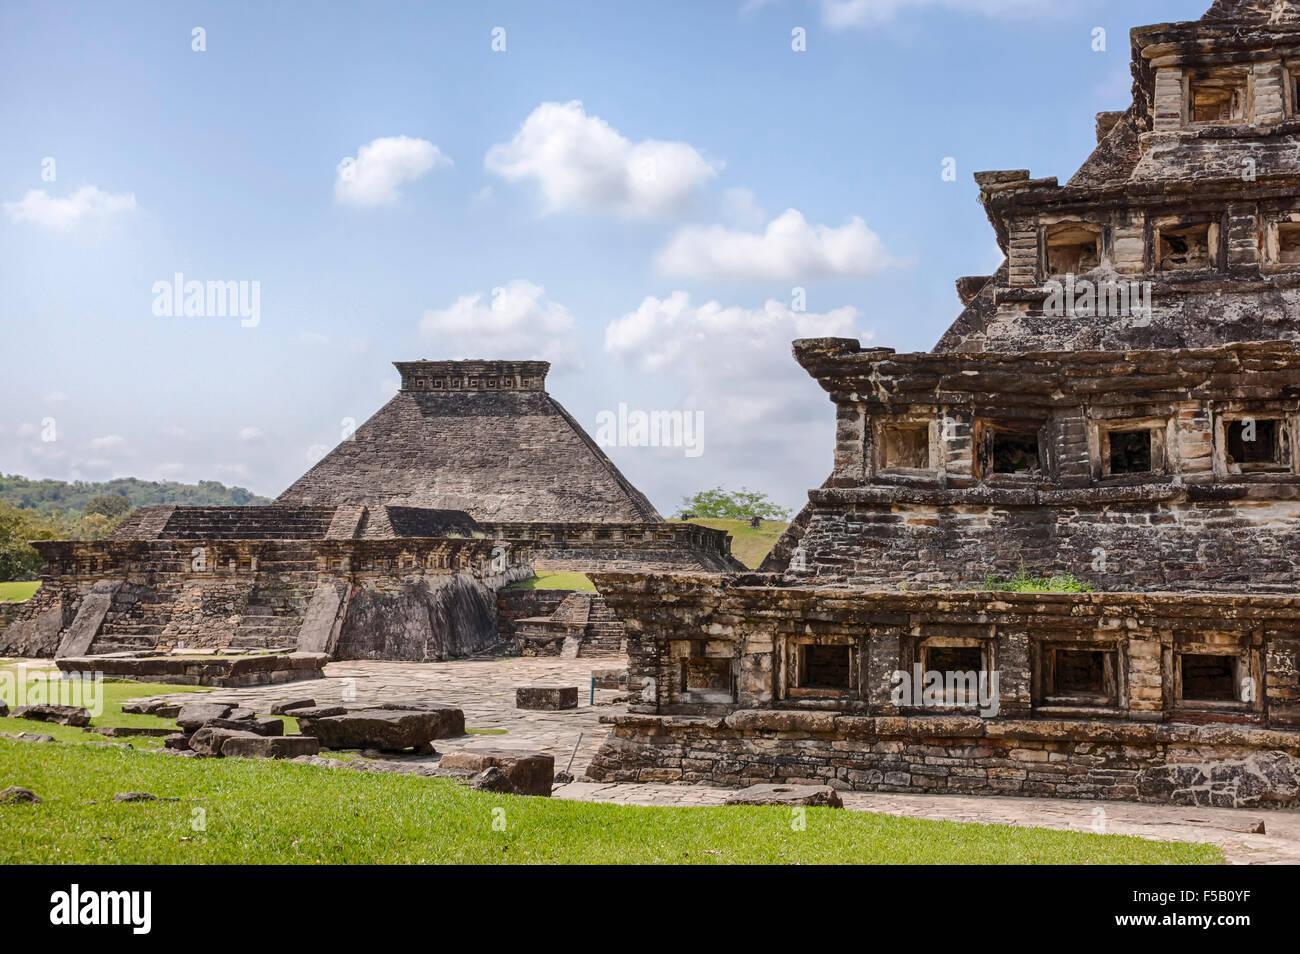 Edificio 5 en la distancia y la pirámide de los nichos en el tajin, Veracruz ruinas en México. Imagen De Stock